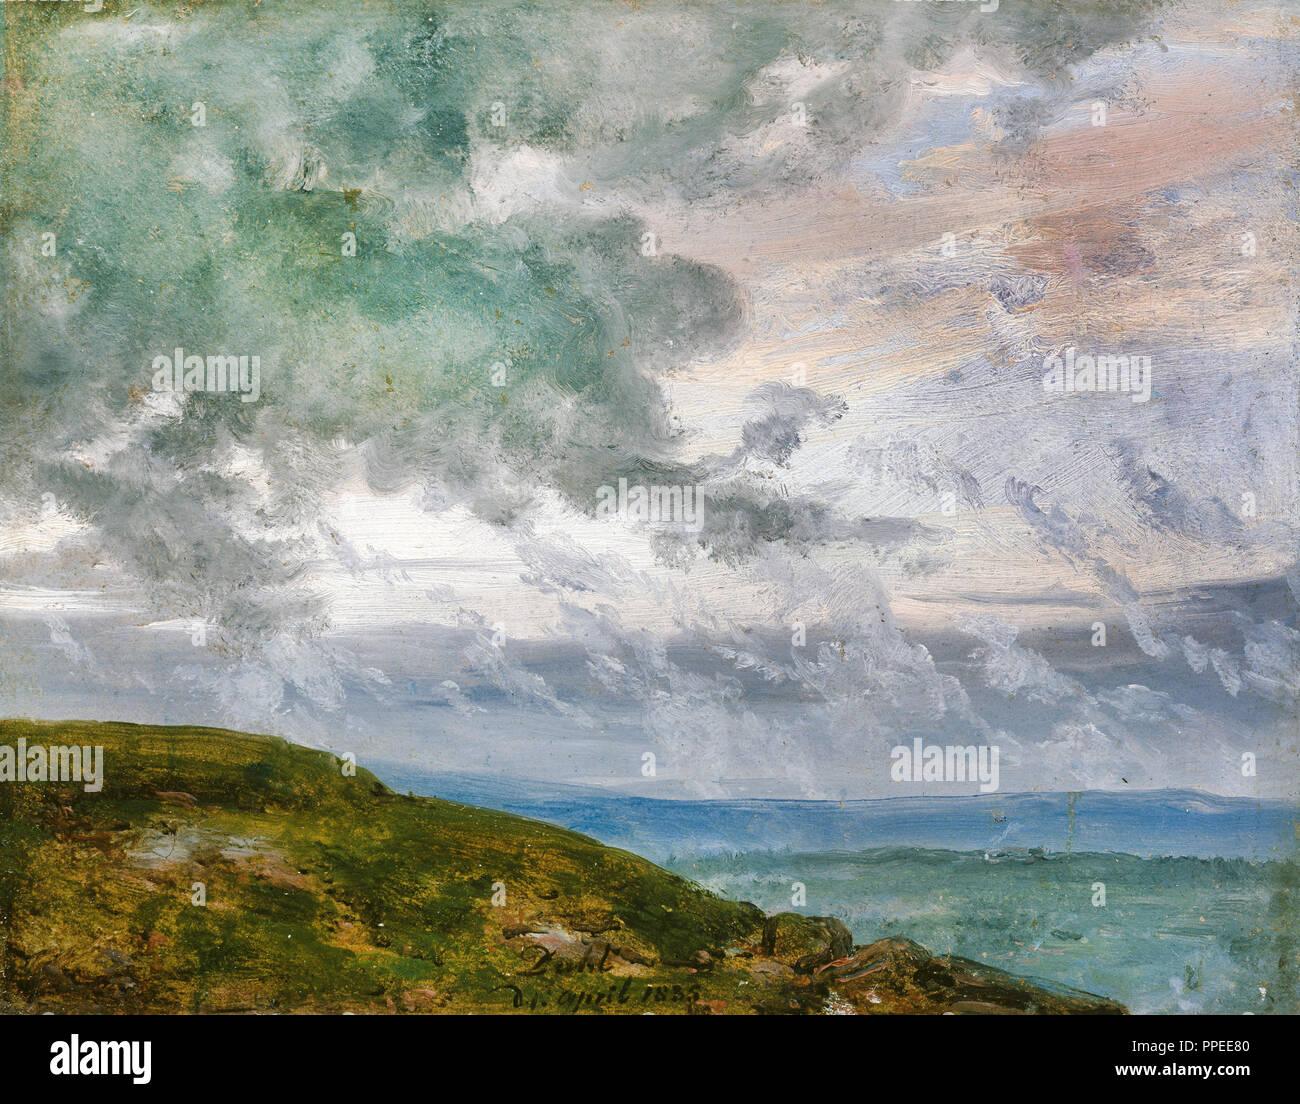 Johan Christian Dahl - étude des nuages à la dérive 1835 huile sur papier. Galerie nationale de la Norvège, Oslo, Norvège. Photo Stock